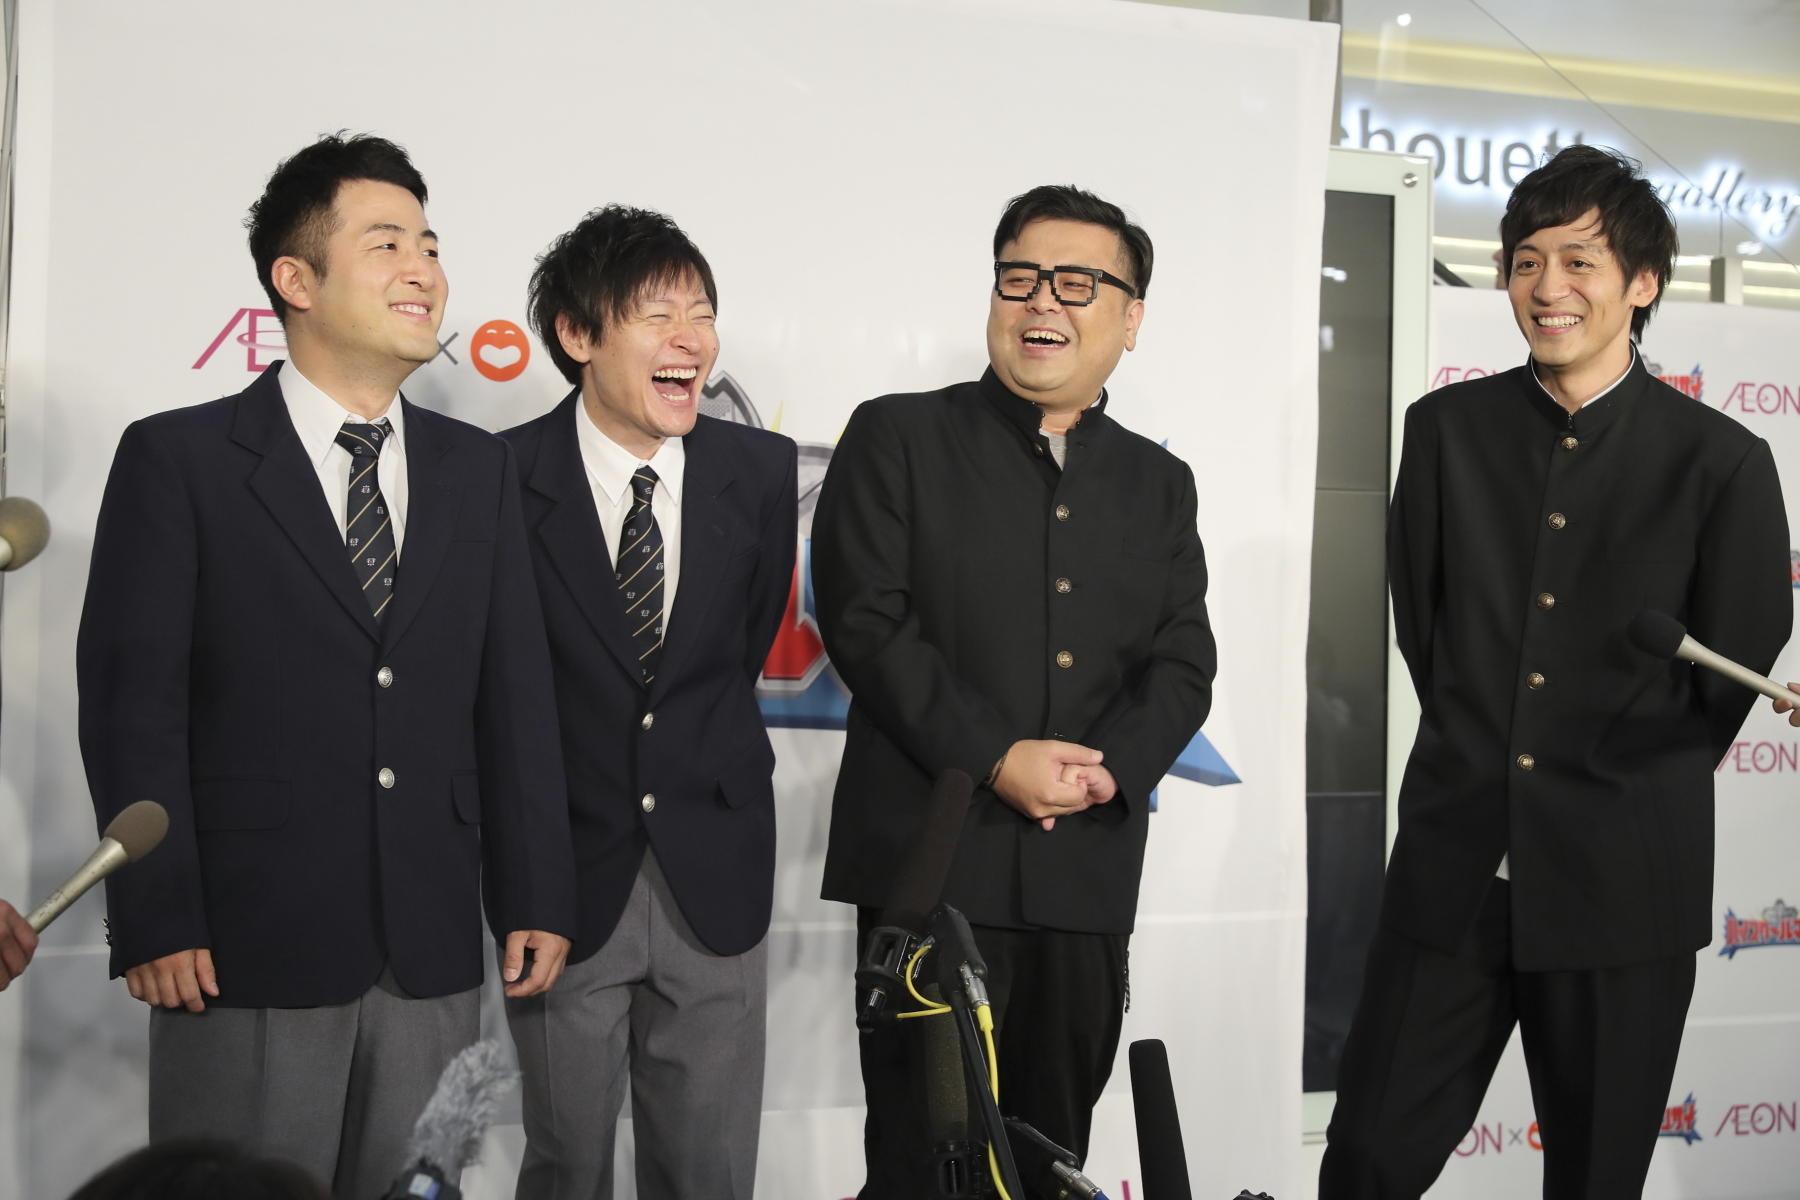 http://news.yoshimoto.co.jp/20180510220407-6edabcc81f491e881ebd766c5fa20858a8efd3d9.jpg